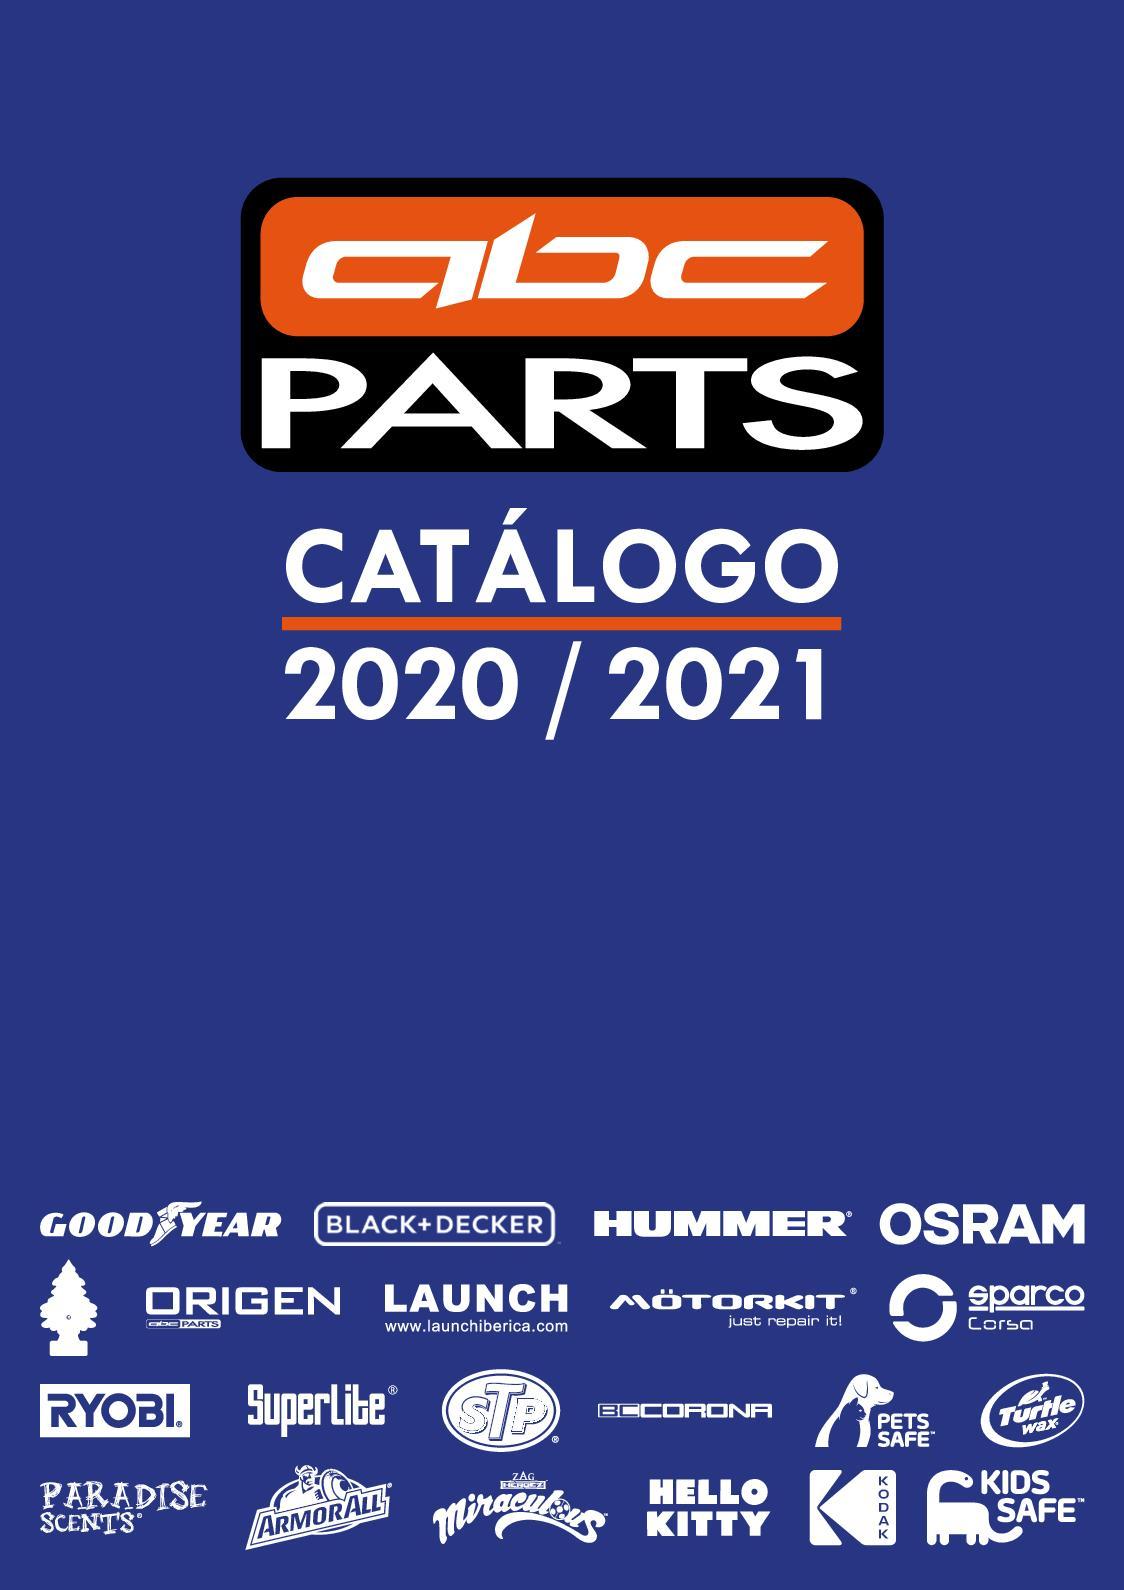 Catalogo Abc Parts 2020 2021